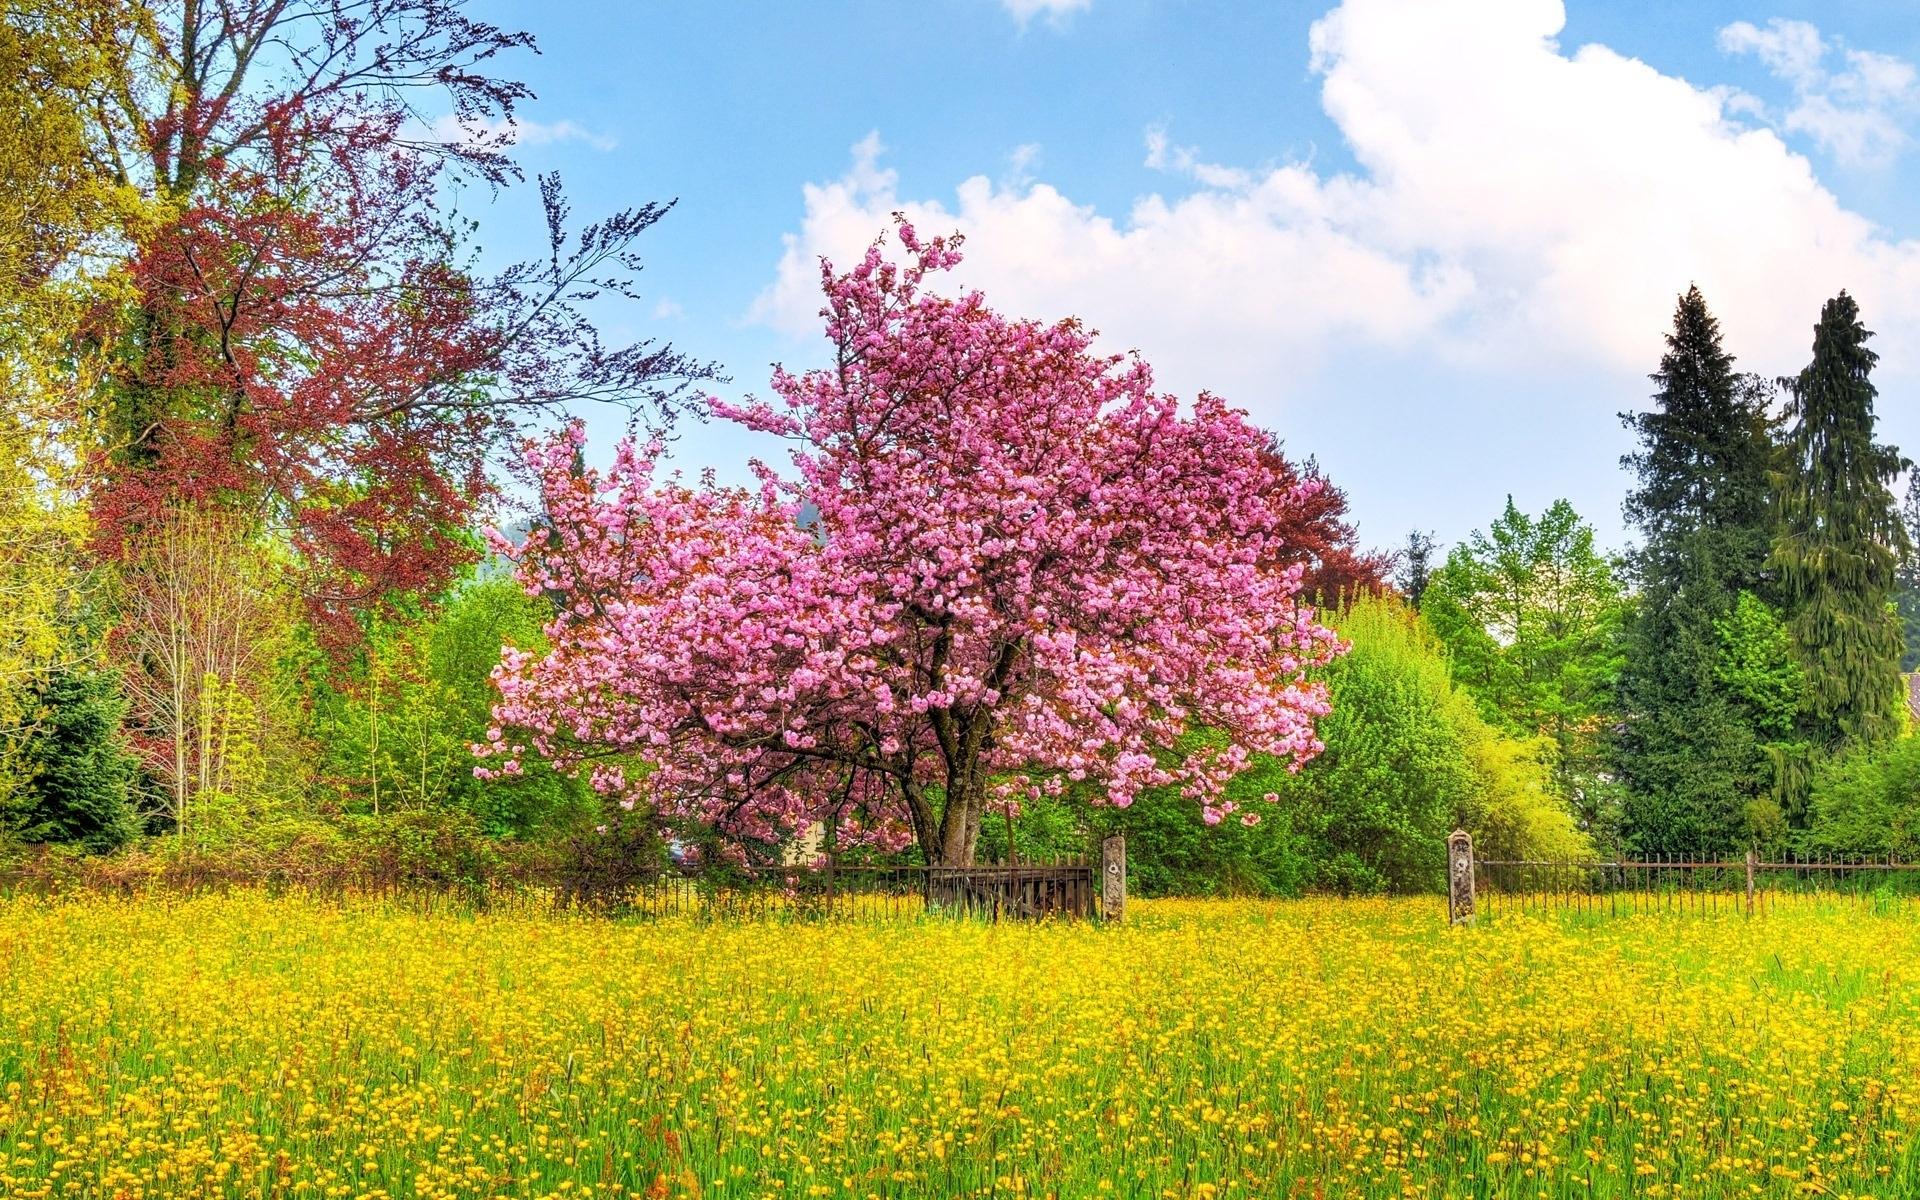 Картинки Весна, дерево, куст, цветок, поле, забор фото и обои на рабочий стол